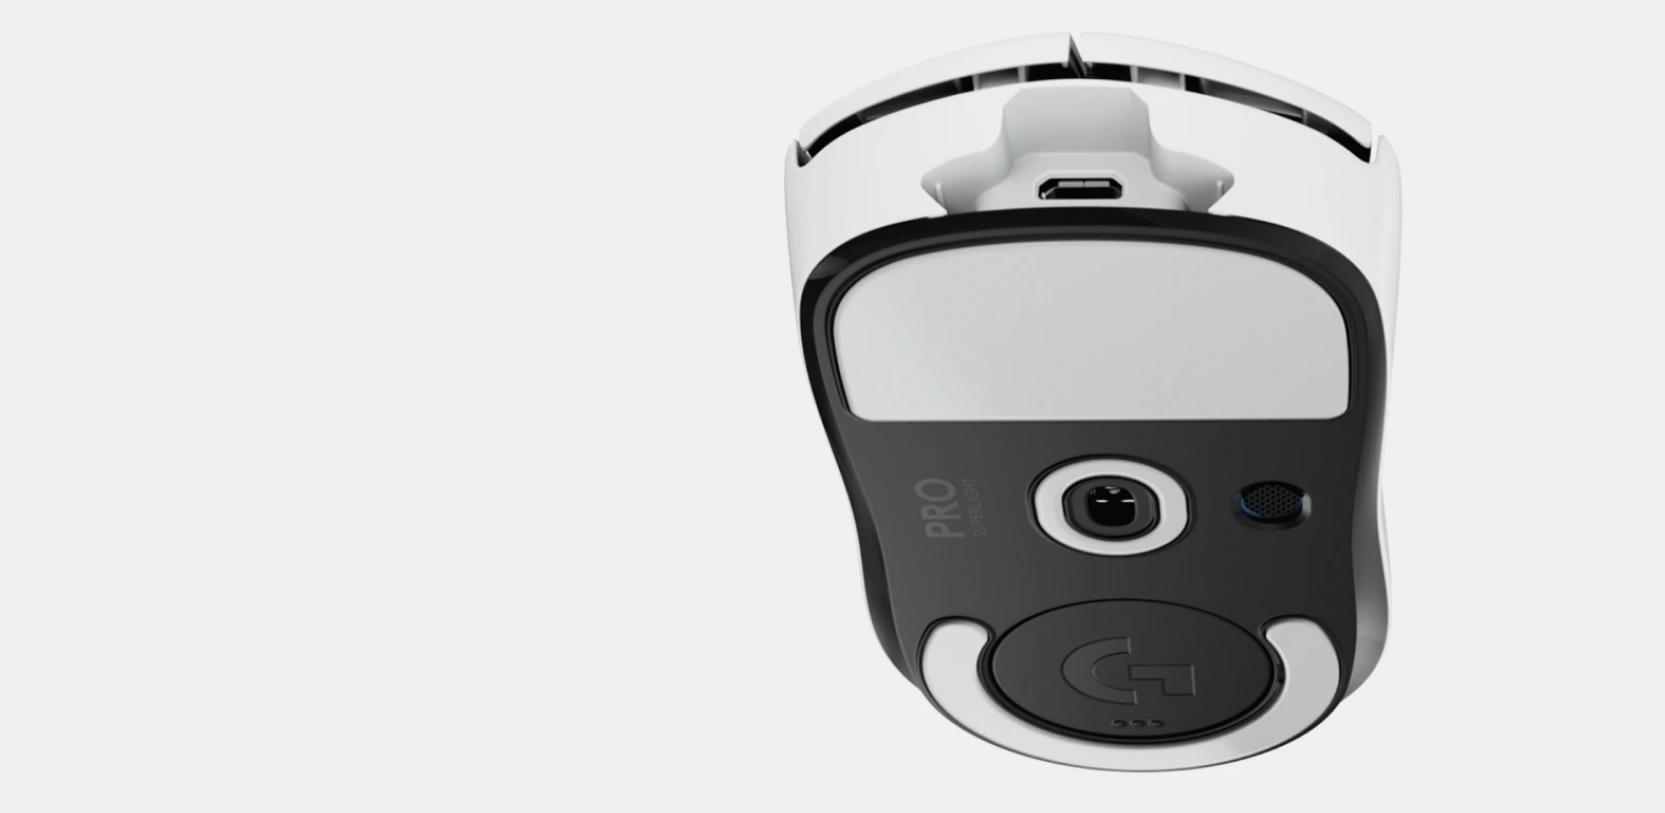 Chuột không dây Logitech Pro X Superlight White (USB/RGB/Trắng/910-005944) sử dụng vật liệu thân thiện với môi trường